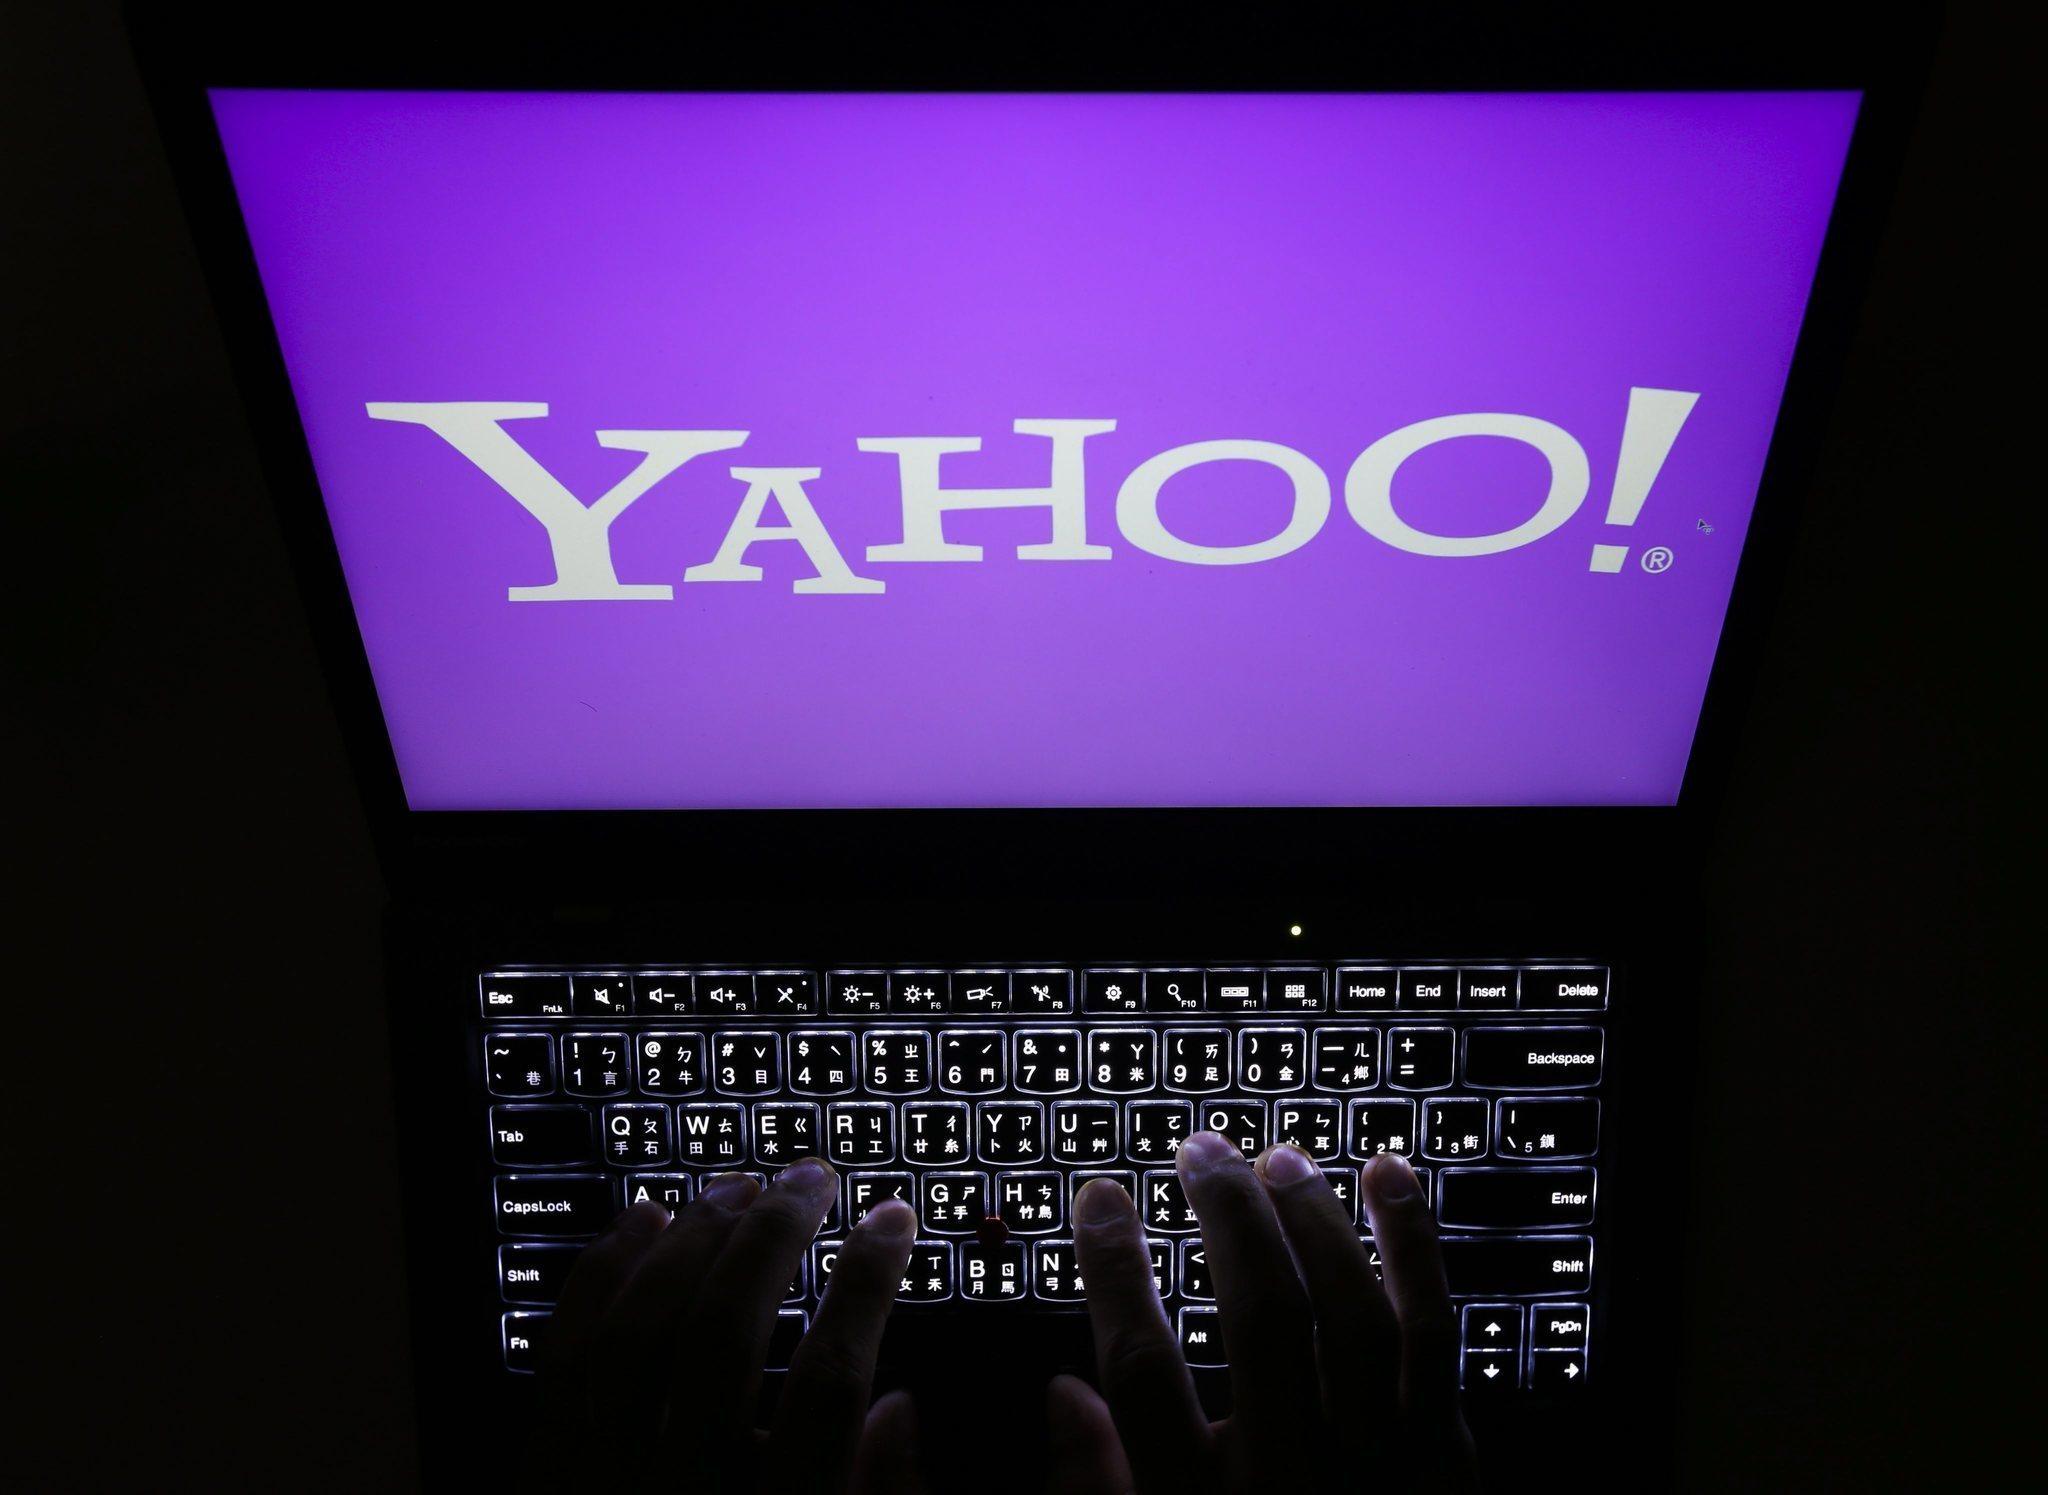 اسم شرکت های مهم کامپیوتری چگونه انتخاب شده است؟